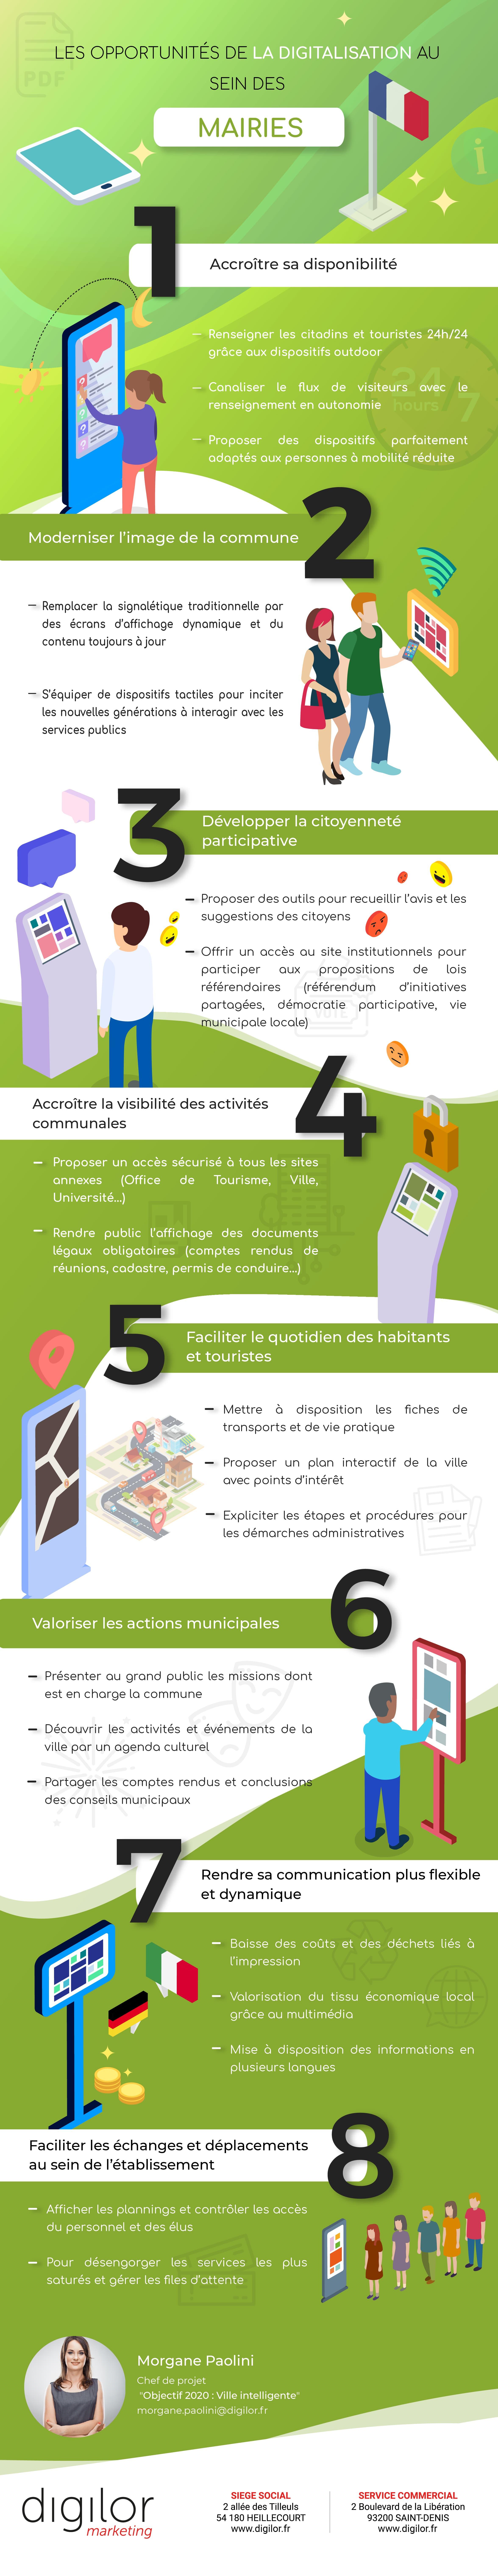 Infographie digitalisation mairie